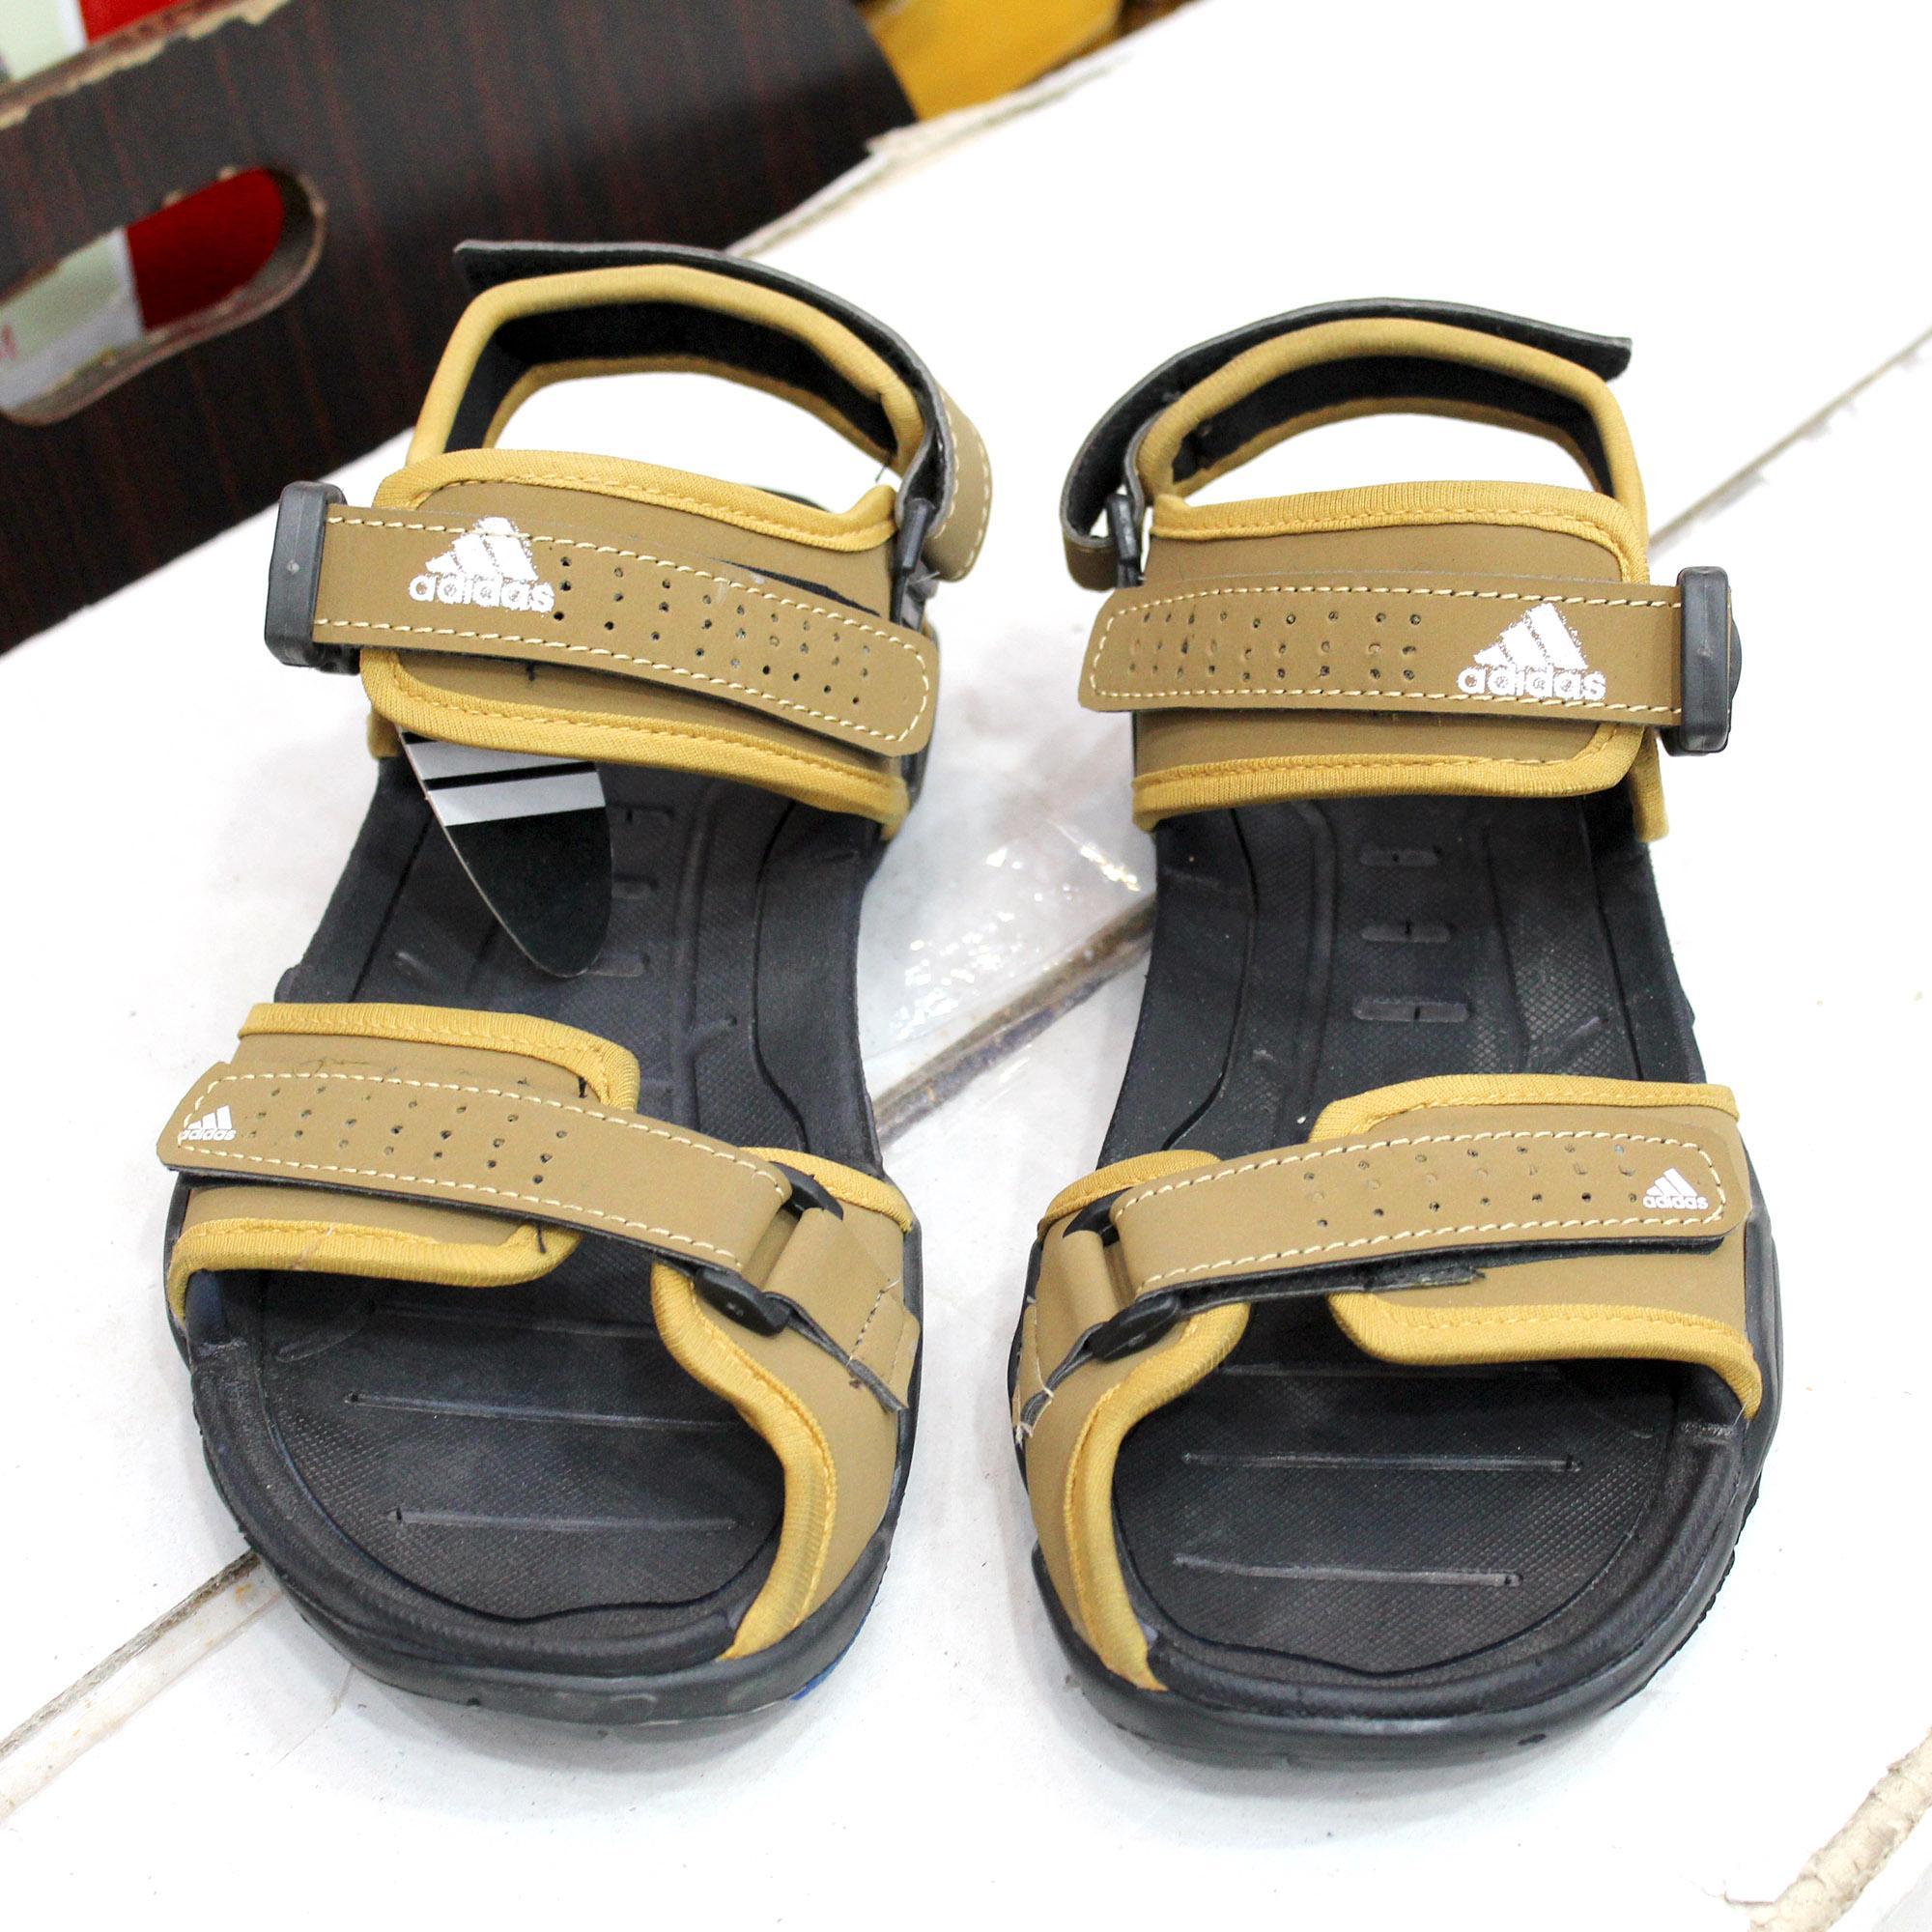 75c39fca827b24 Men s Sandals   Slippers Online - Daraz Pakistan